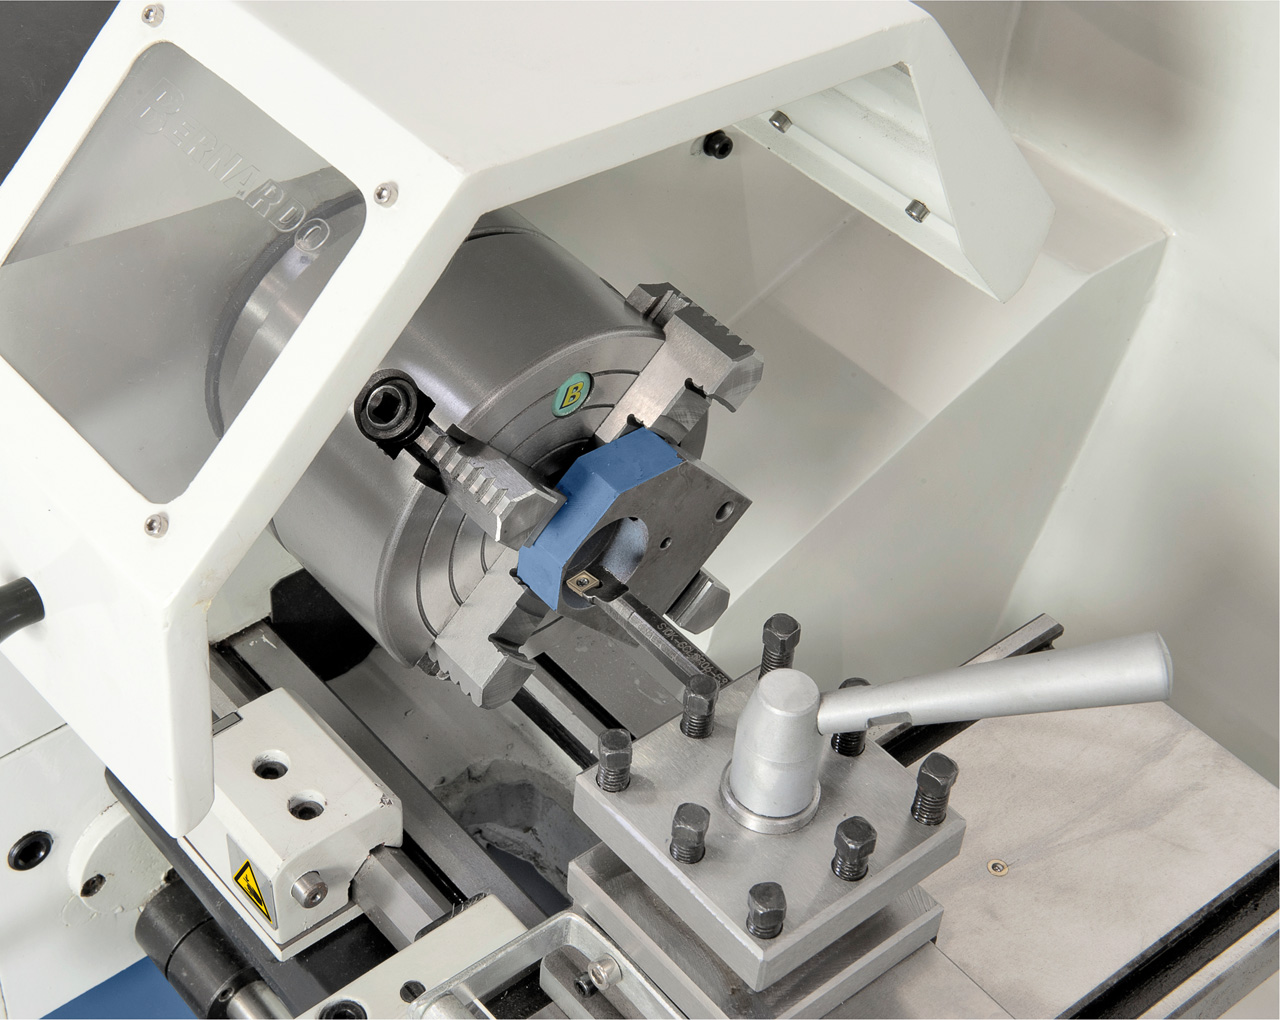 Planscheibe 160 mm (Option) ideal zum Aufspannen von asymmetrischen Werkstücken.